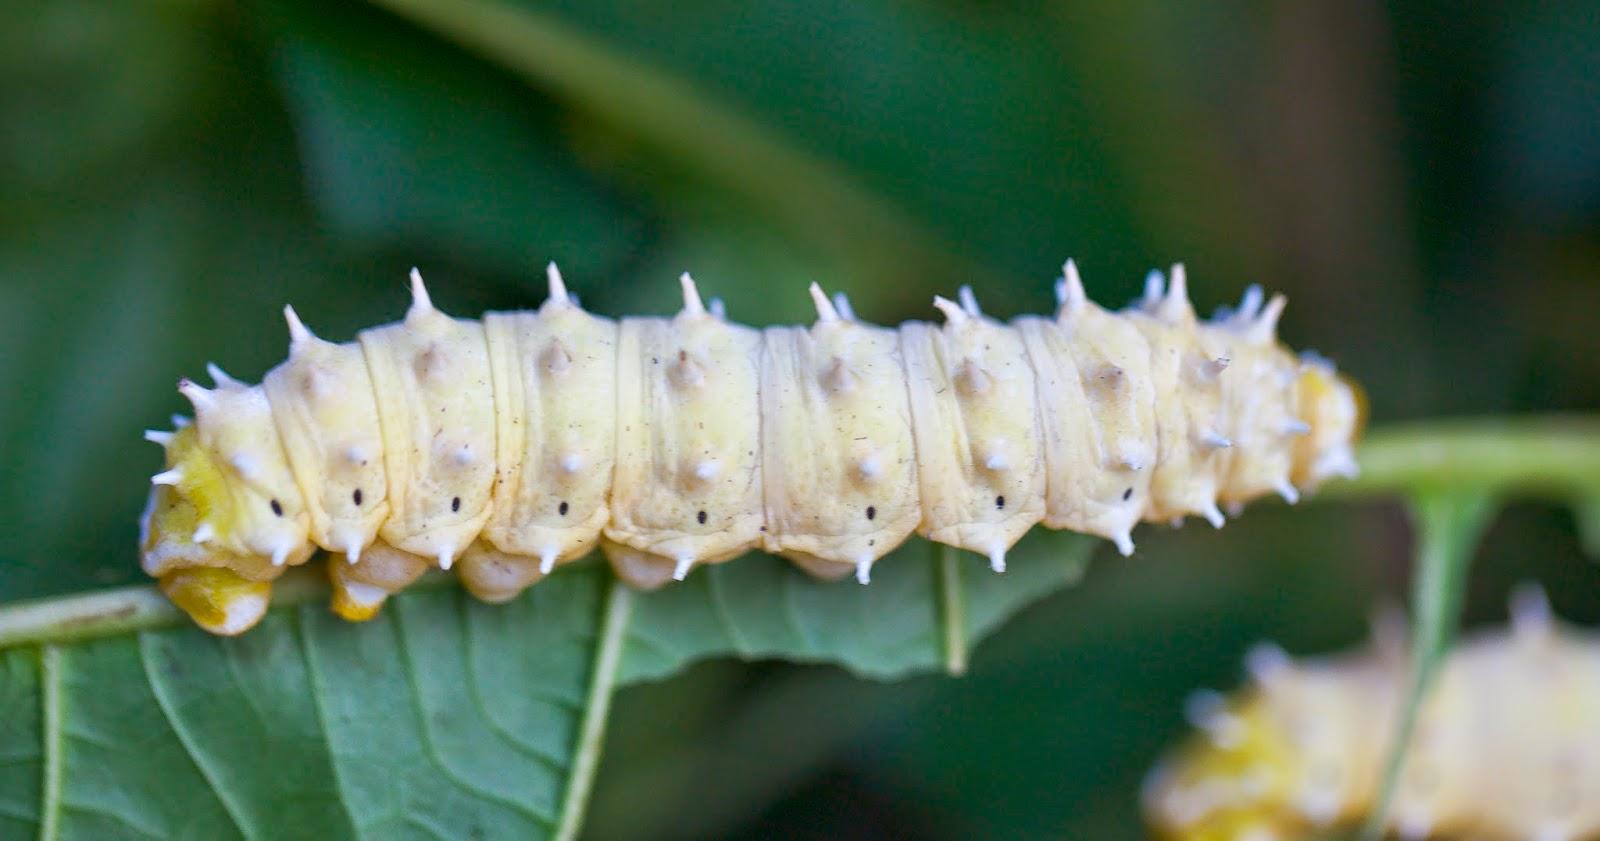 Medio Ambiente: Descubren un gusano que come plástico